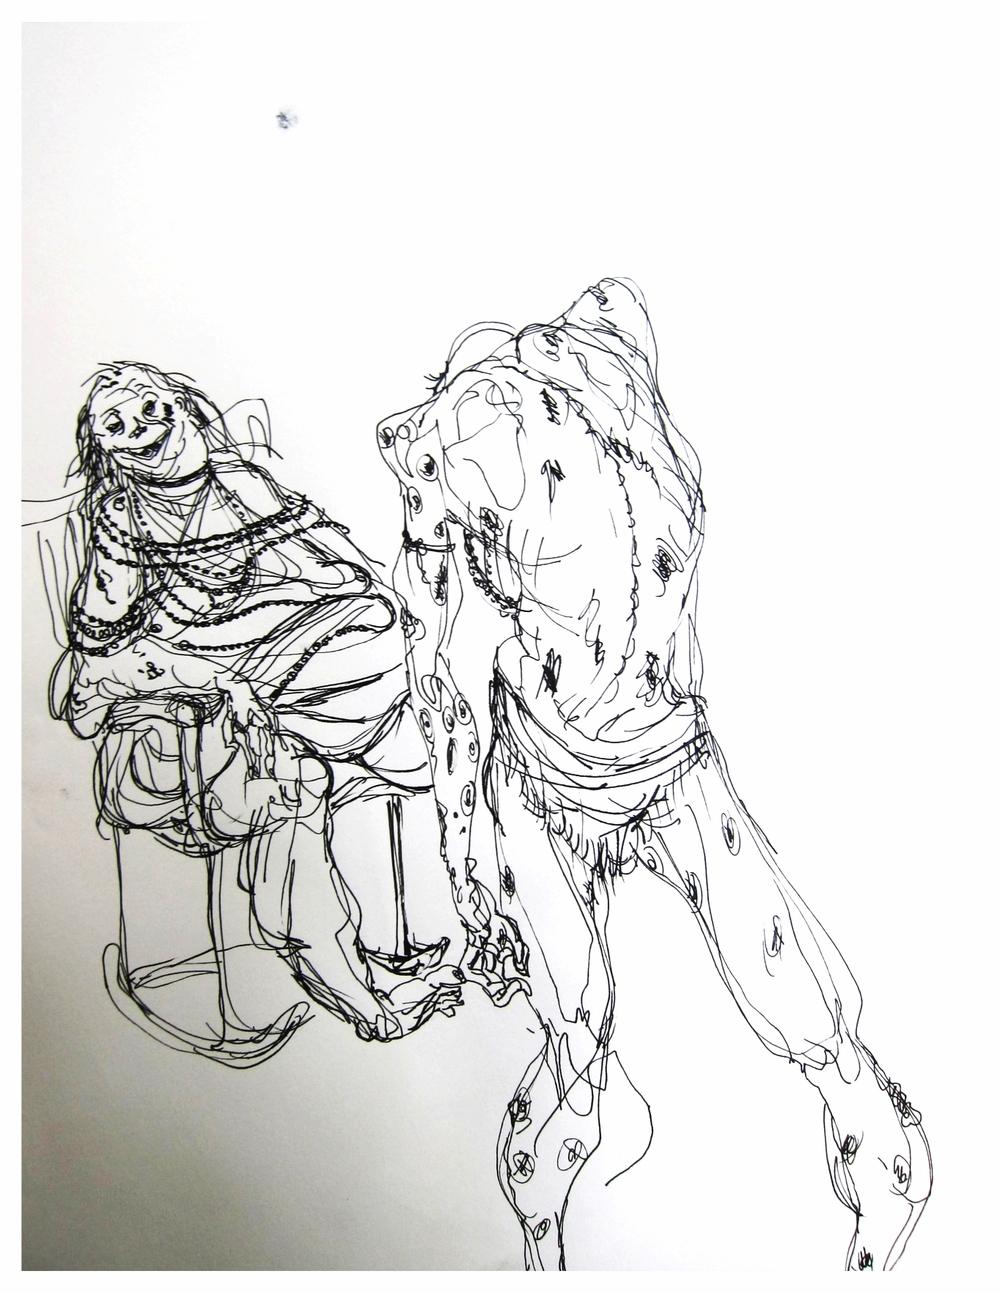 bogey sketch.JPG